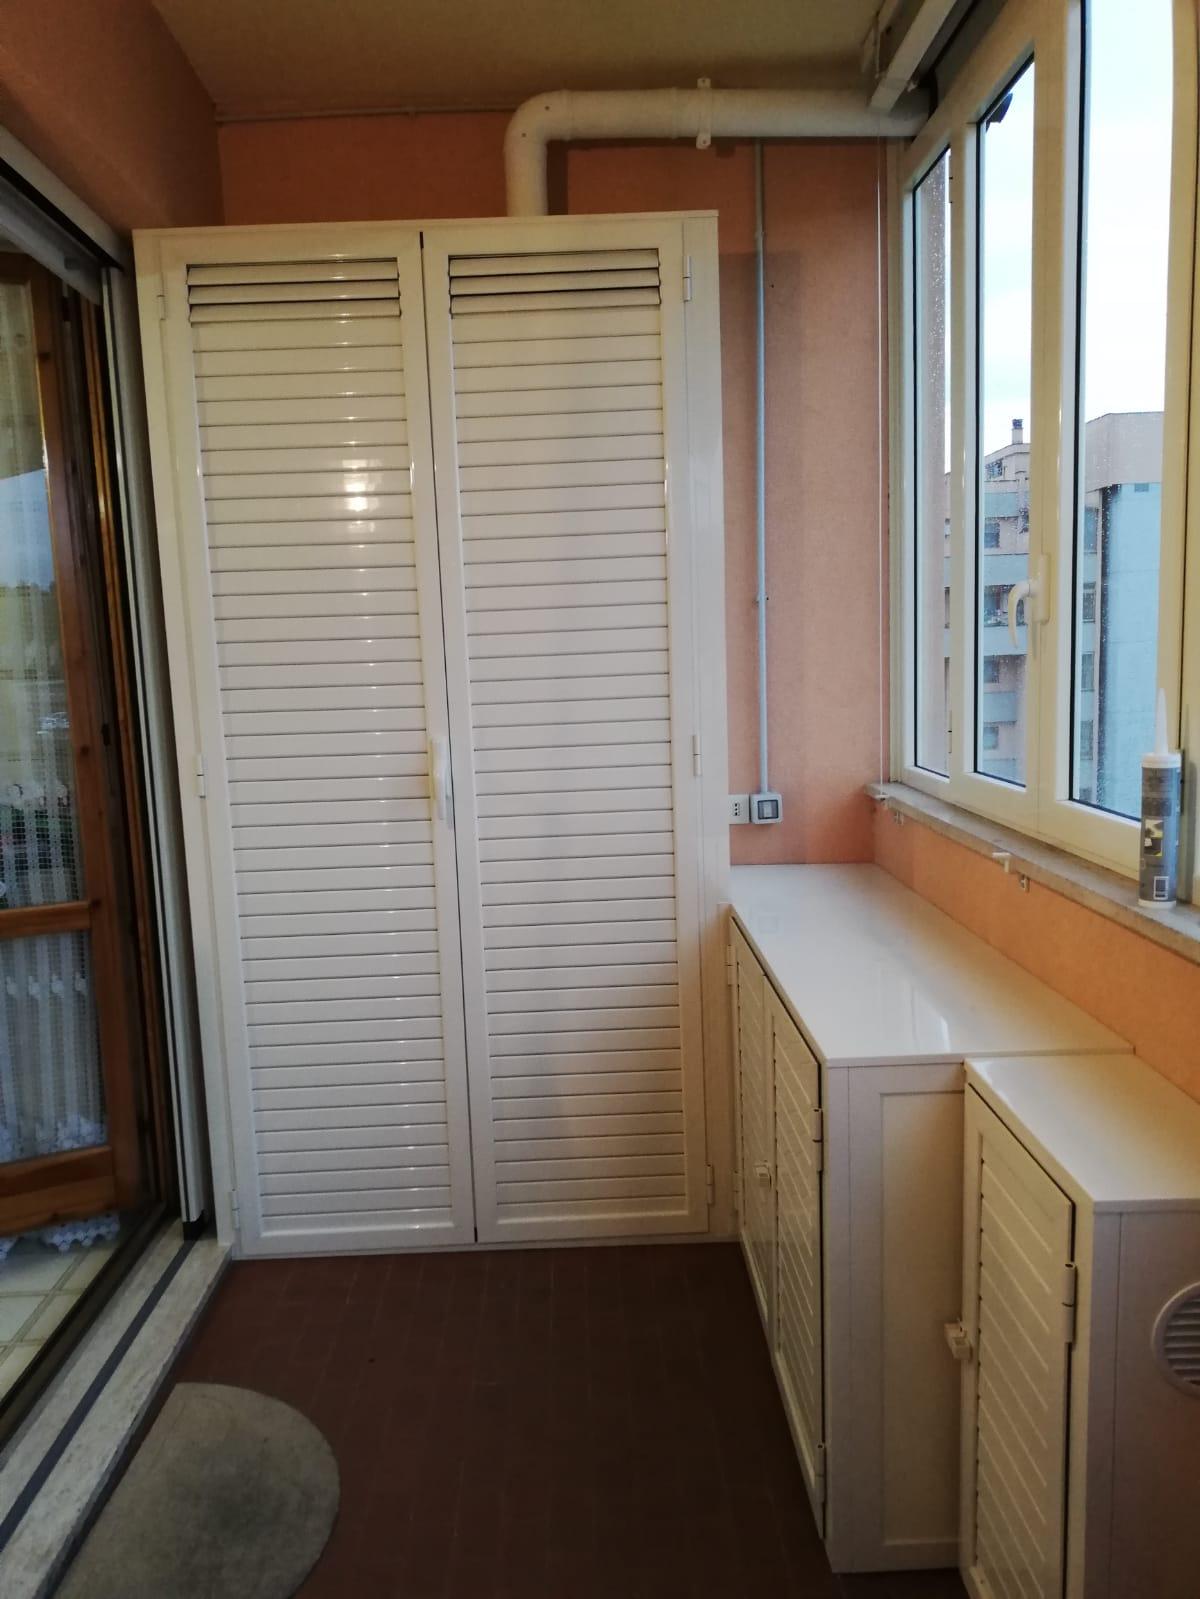 Fotografia di un armadio copricaldaia e ripostiglio in alluminio avorio a doghe chiuse e in parte aperte (chiuso).